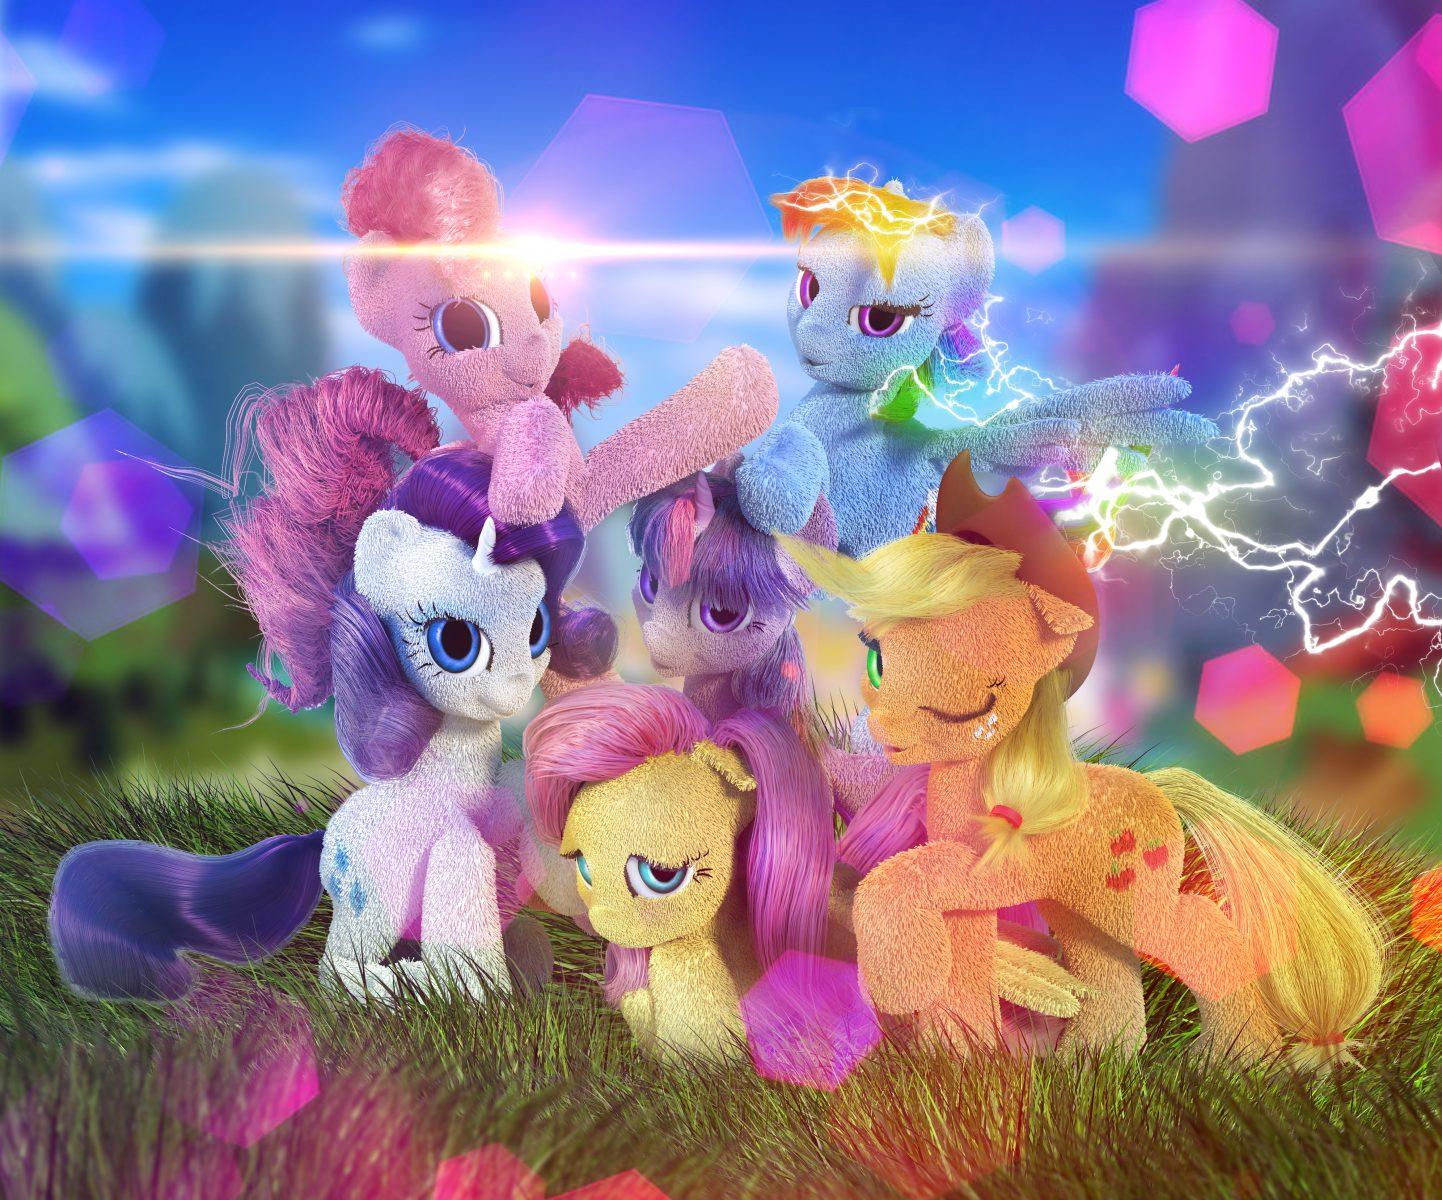 """""""Мой Маленький Пони"""" (главные герои сериала). 3ds Max + Vray + Photoshop."""